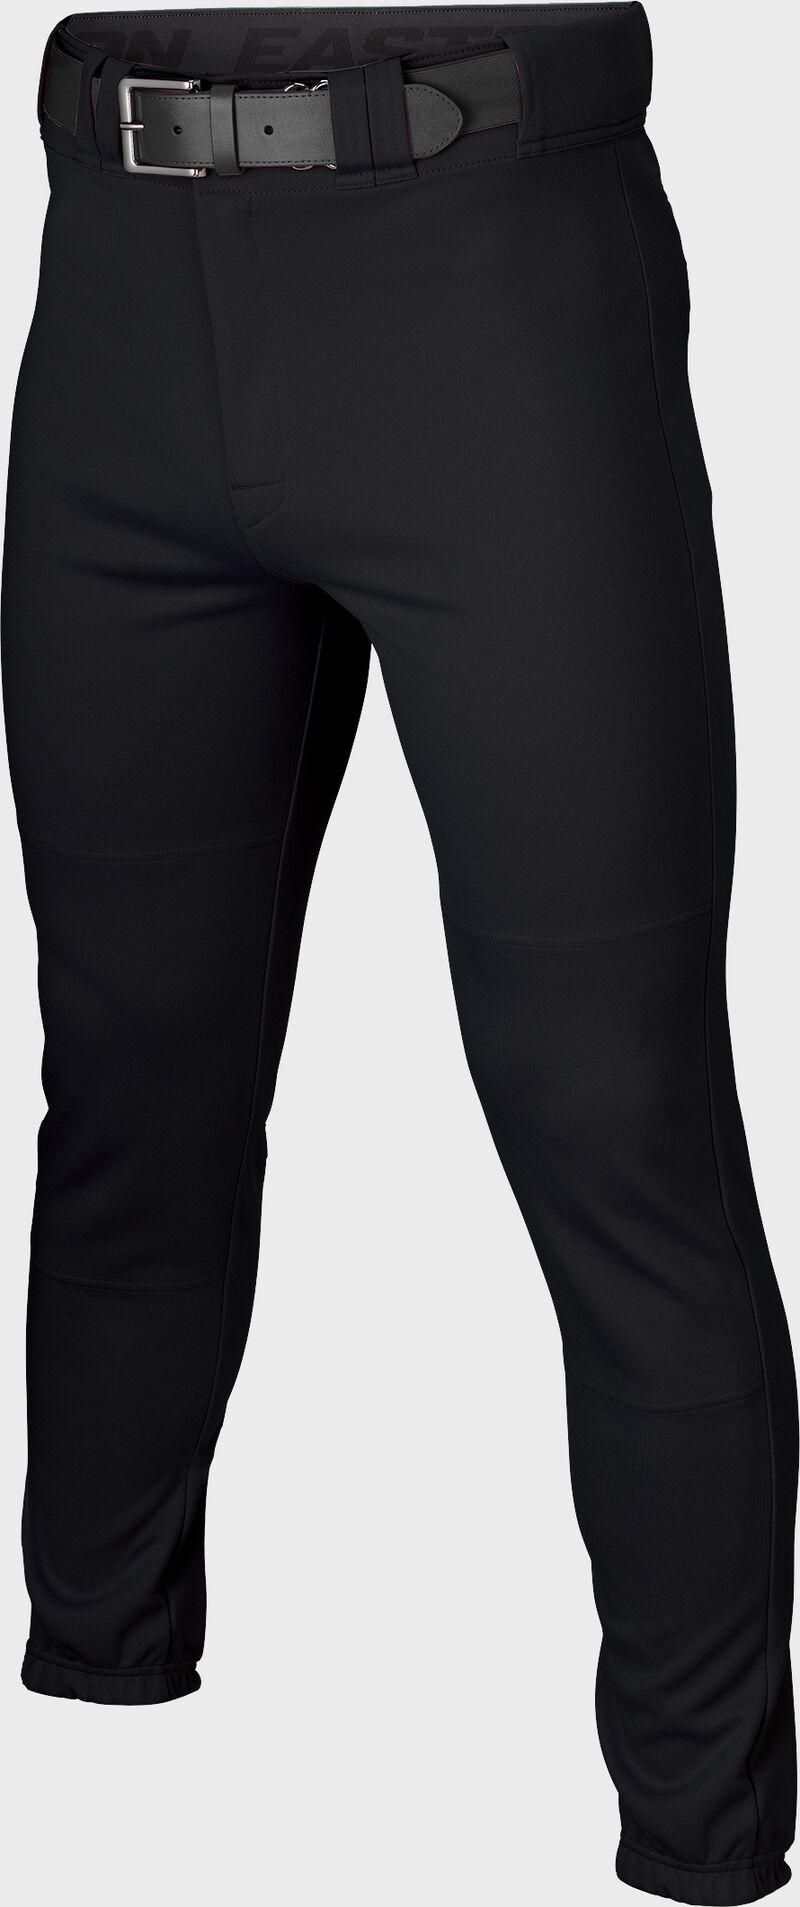 Rival+ Pro Taper Pant Adult BLACK M